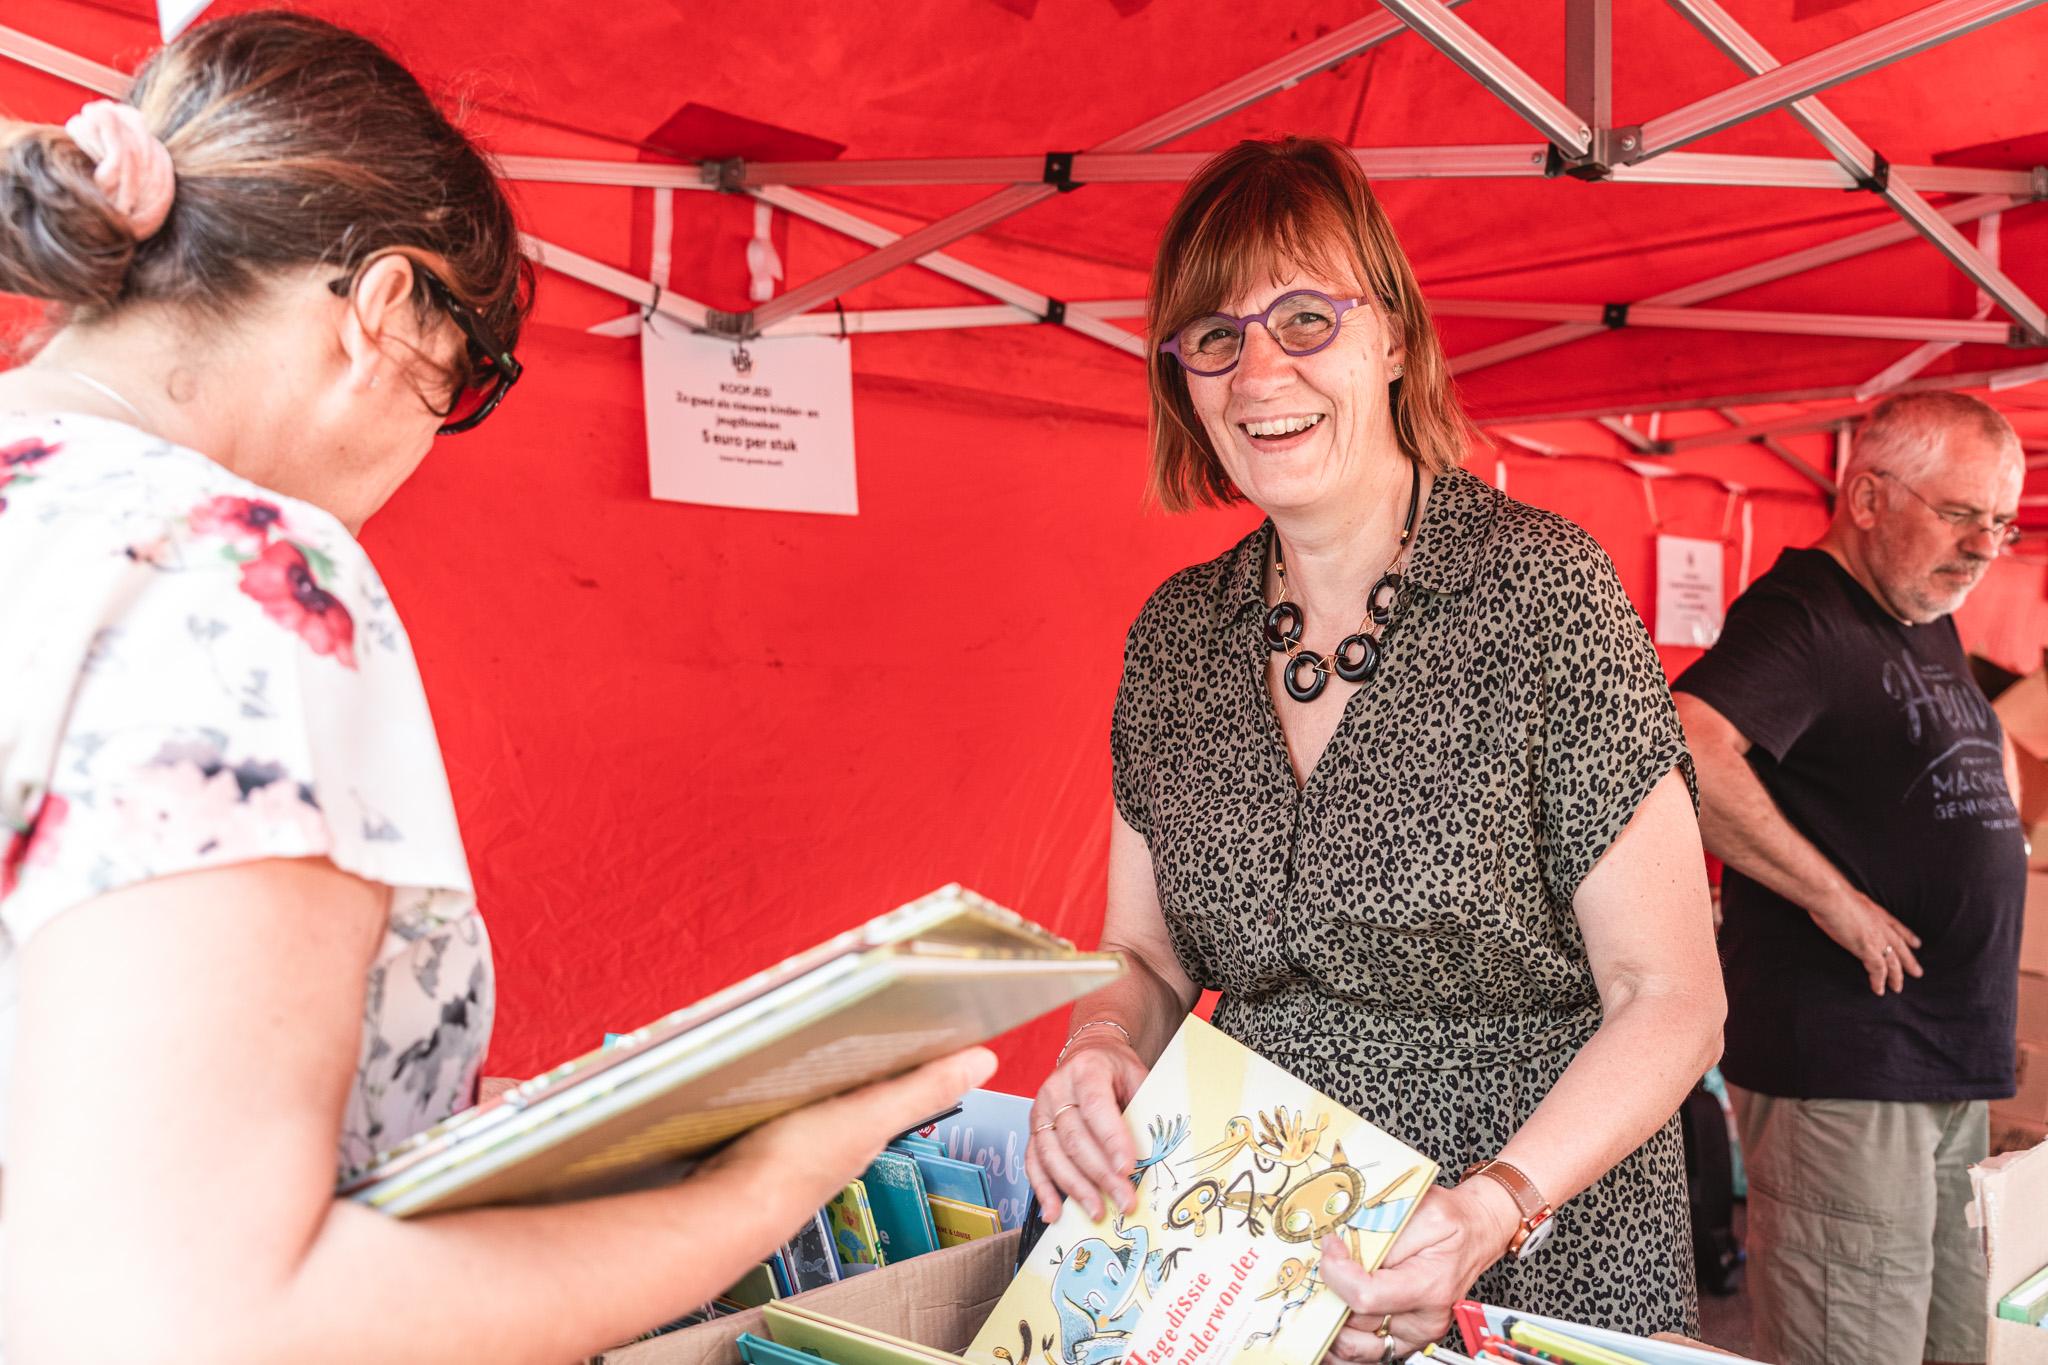 Vrijwilligers bij de boekenverkoop